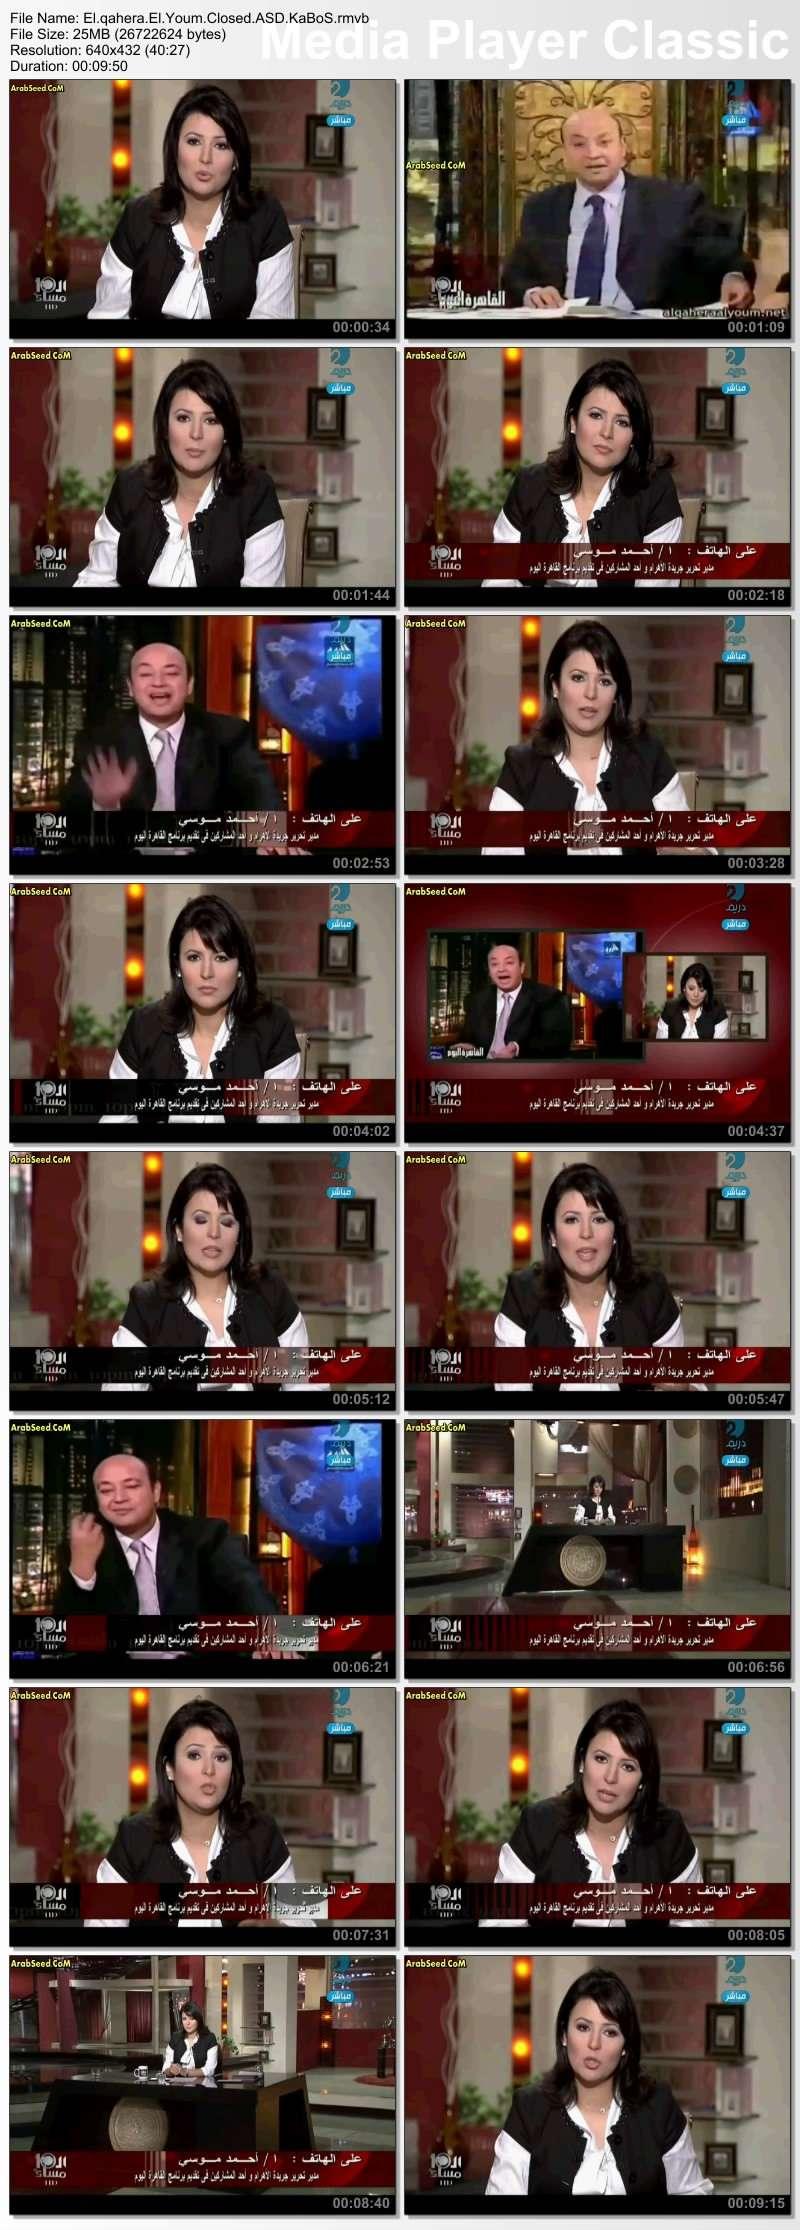 حصريا السر وراء غلق القاهرة اليوم و عدم ظهور عمرو اديب بجوده عاليه تحميل مباشر  Thumbs43